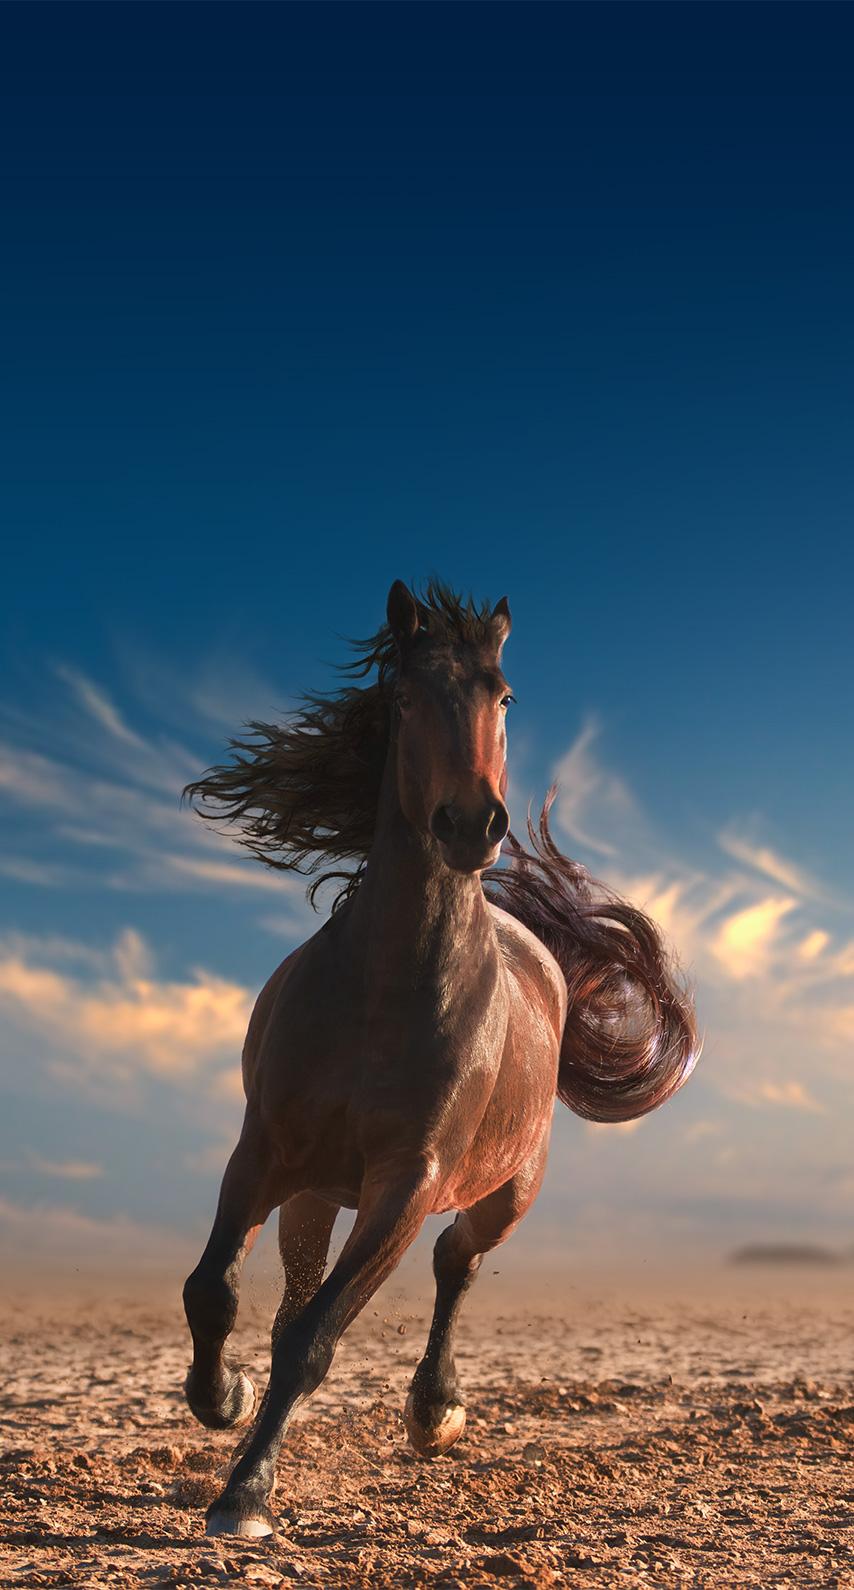 equine, cavalry